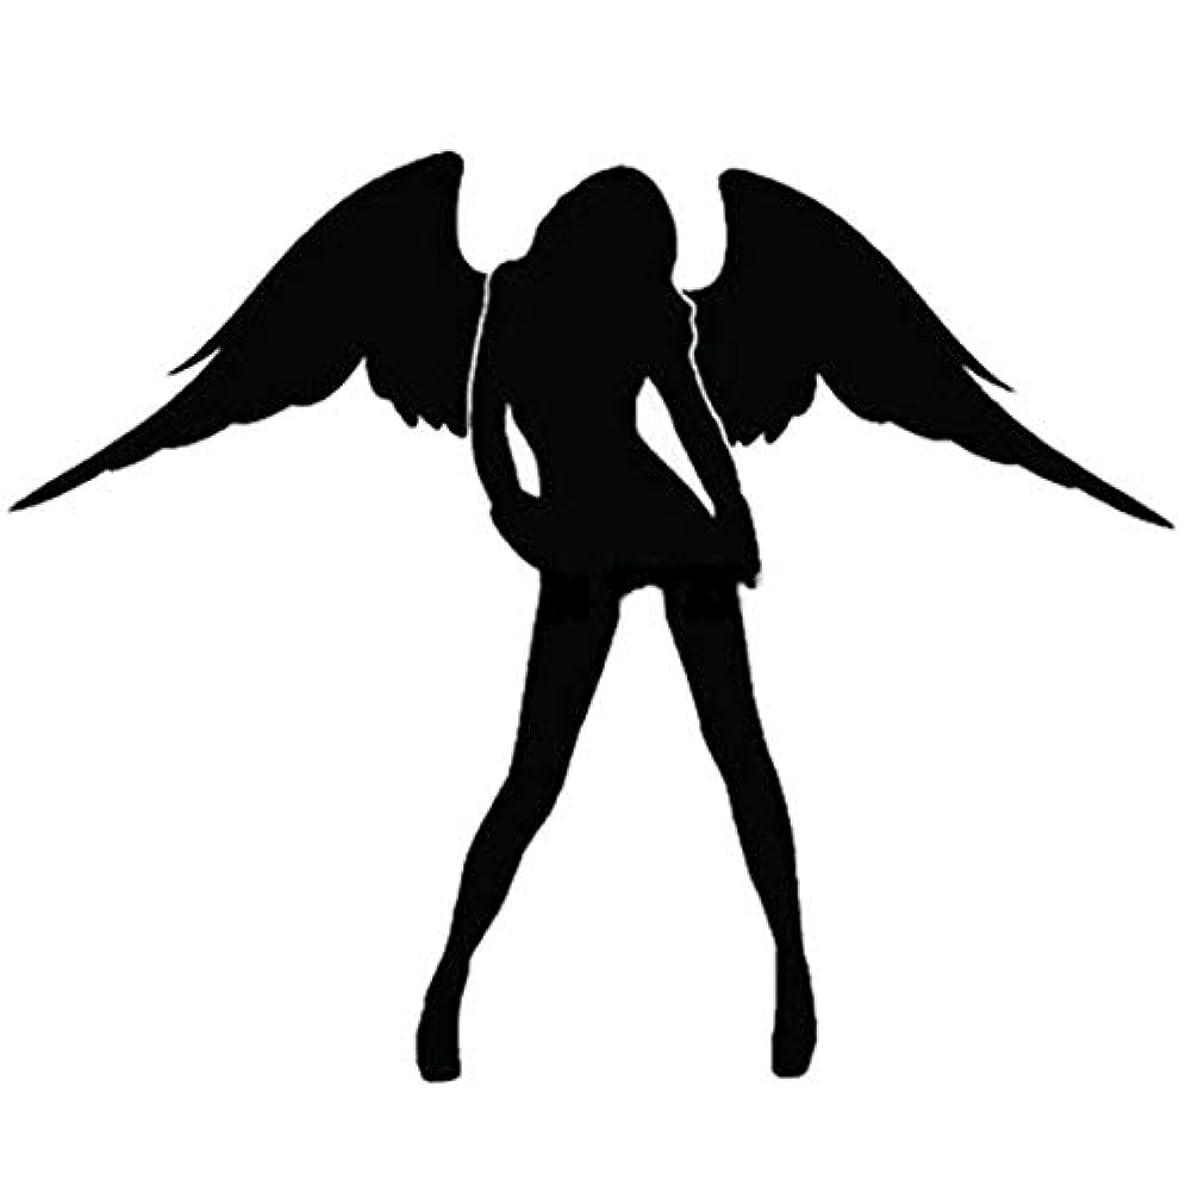 デイジーサンダル比類のないエンジェル&デビルパターンカーステッカー反射セクシービューティー女性カーステッカービニールデカールカーウィンドウトラックオートバイ用-ブラック